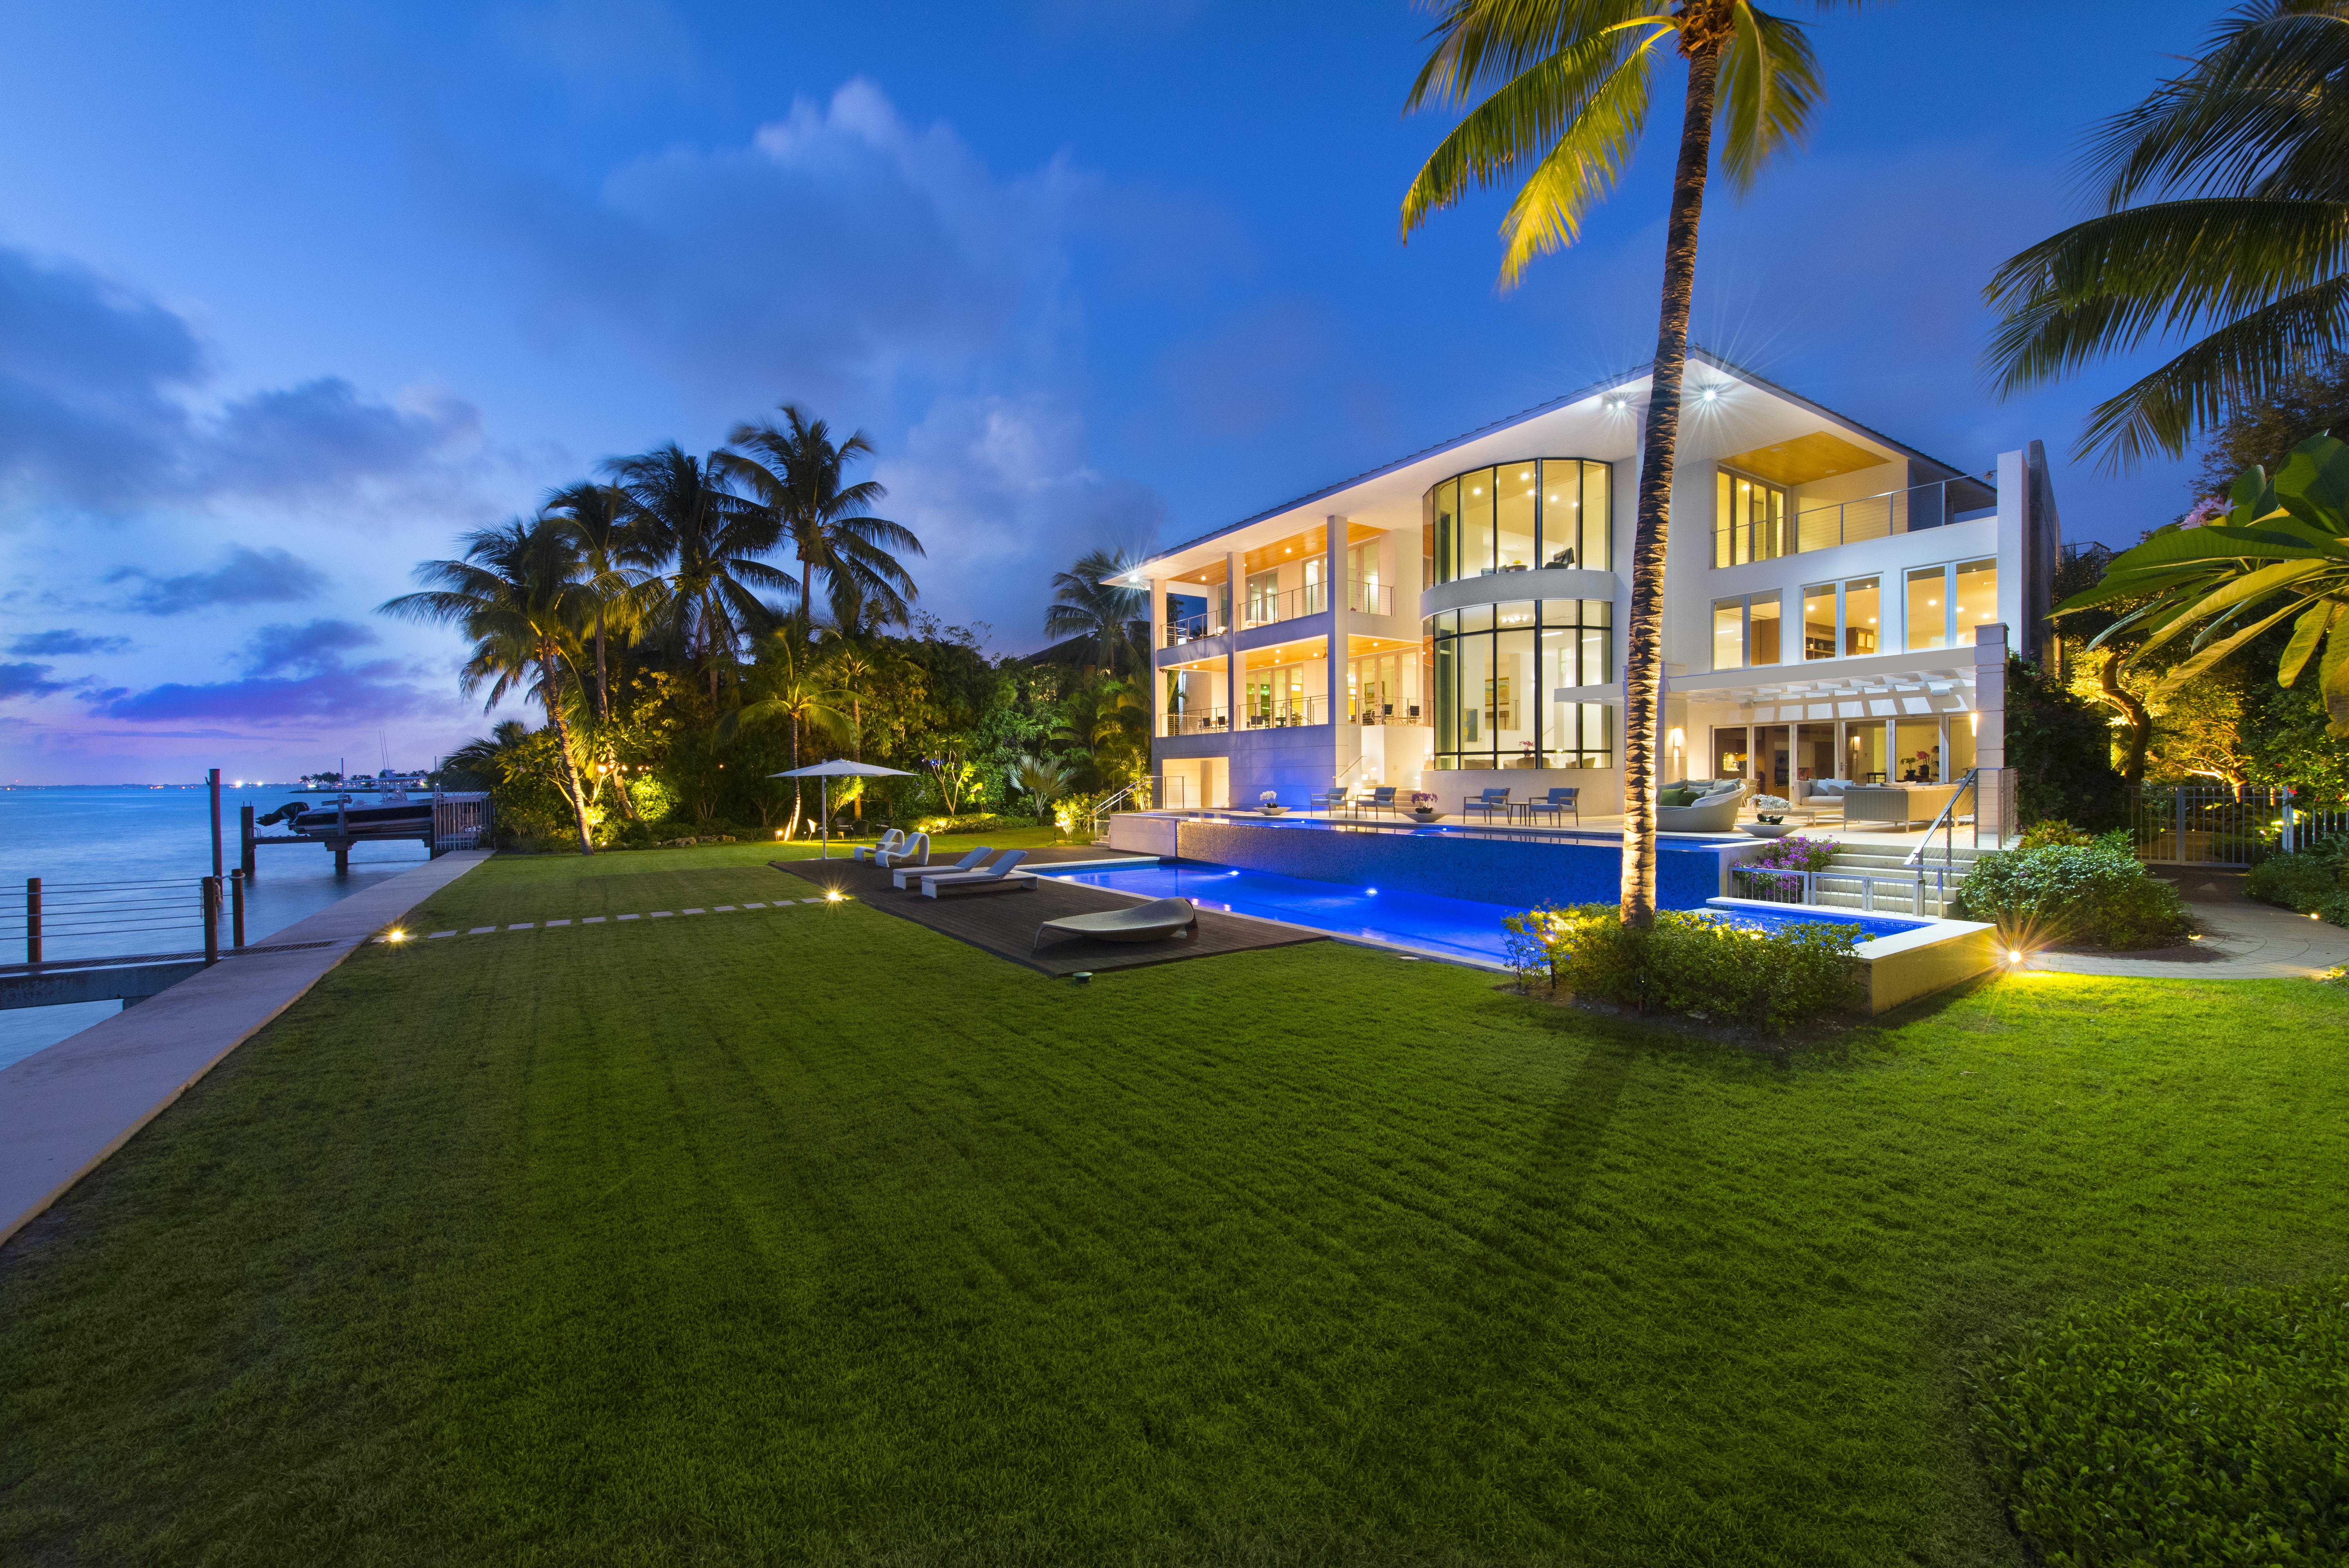 Maison unifamiliale pour l Vente à 500 S Mashta Drive, Key Biscayne, FL 33149 Key Biscayne, Florida, 33149 États-Unis